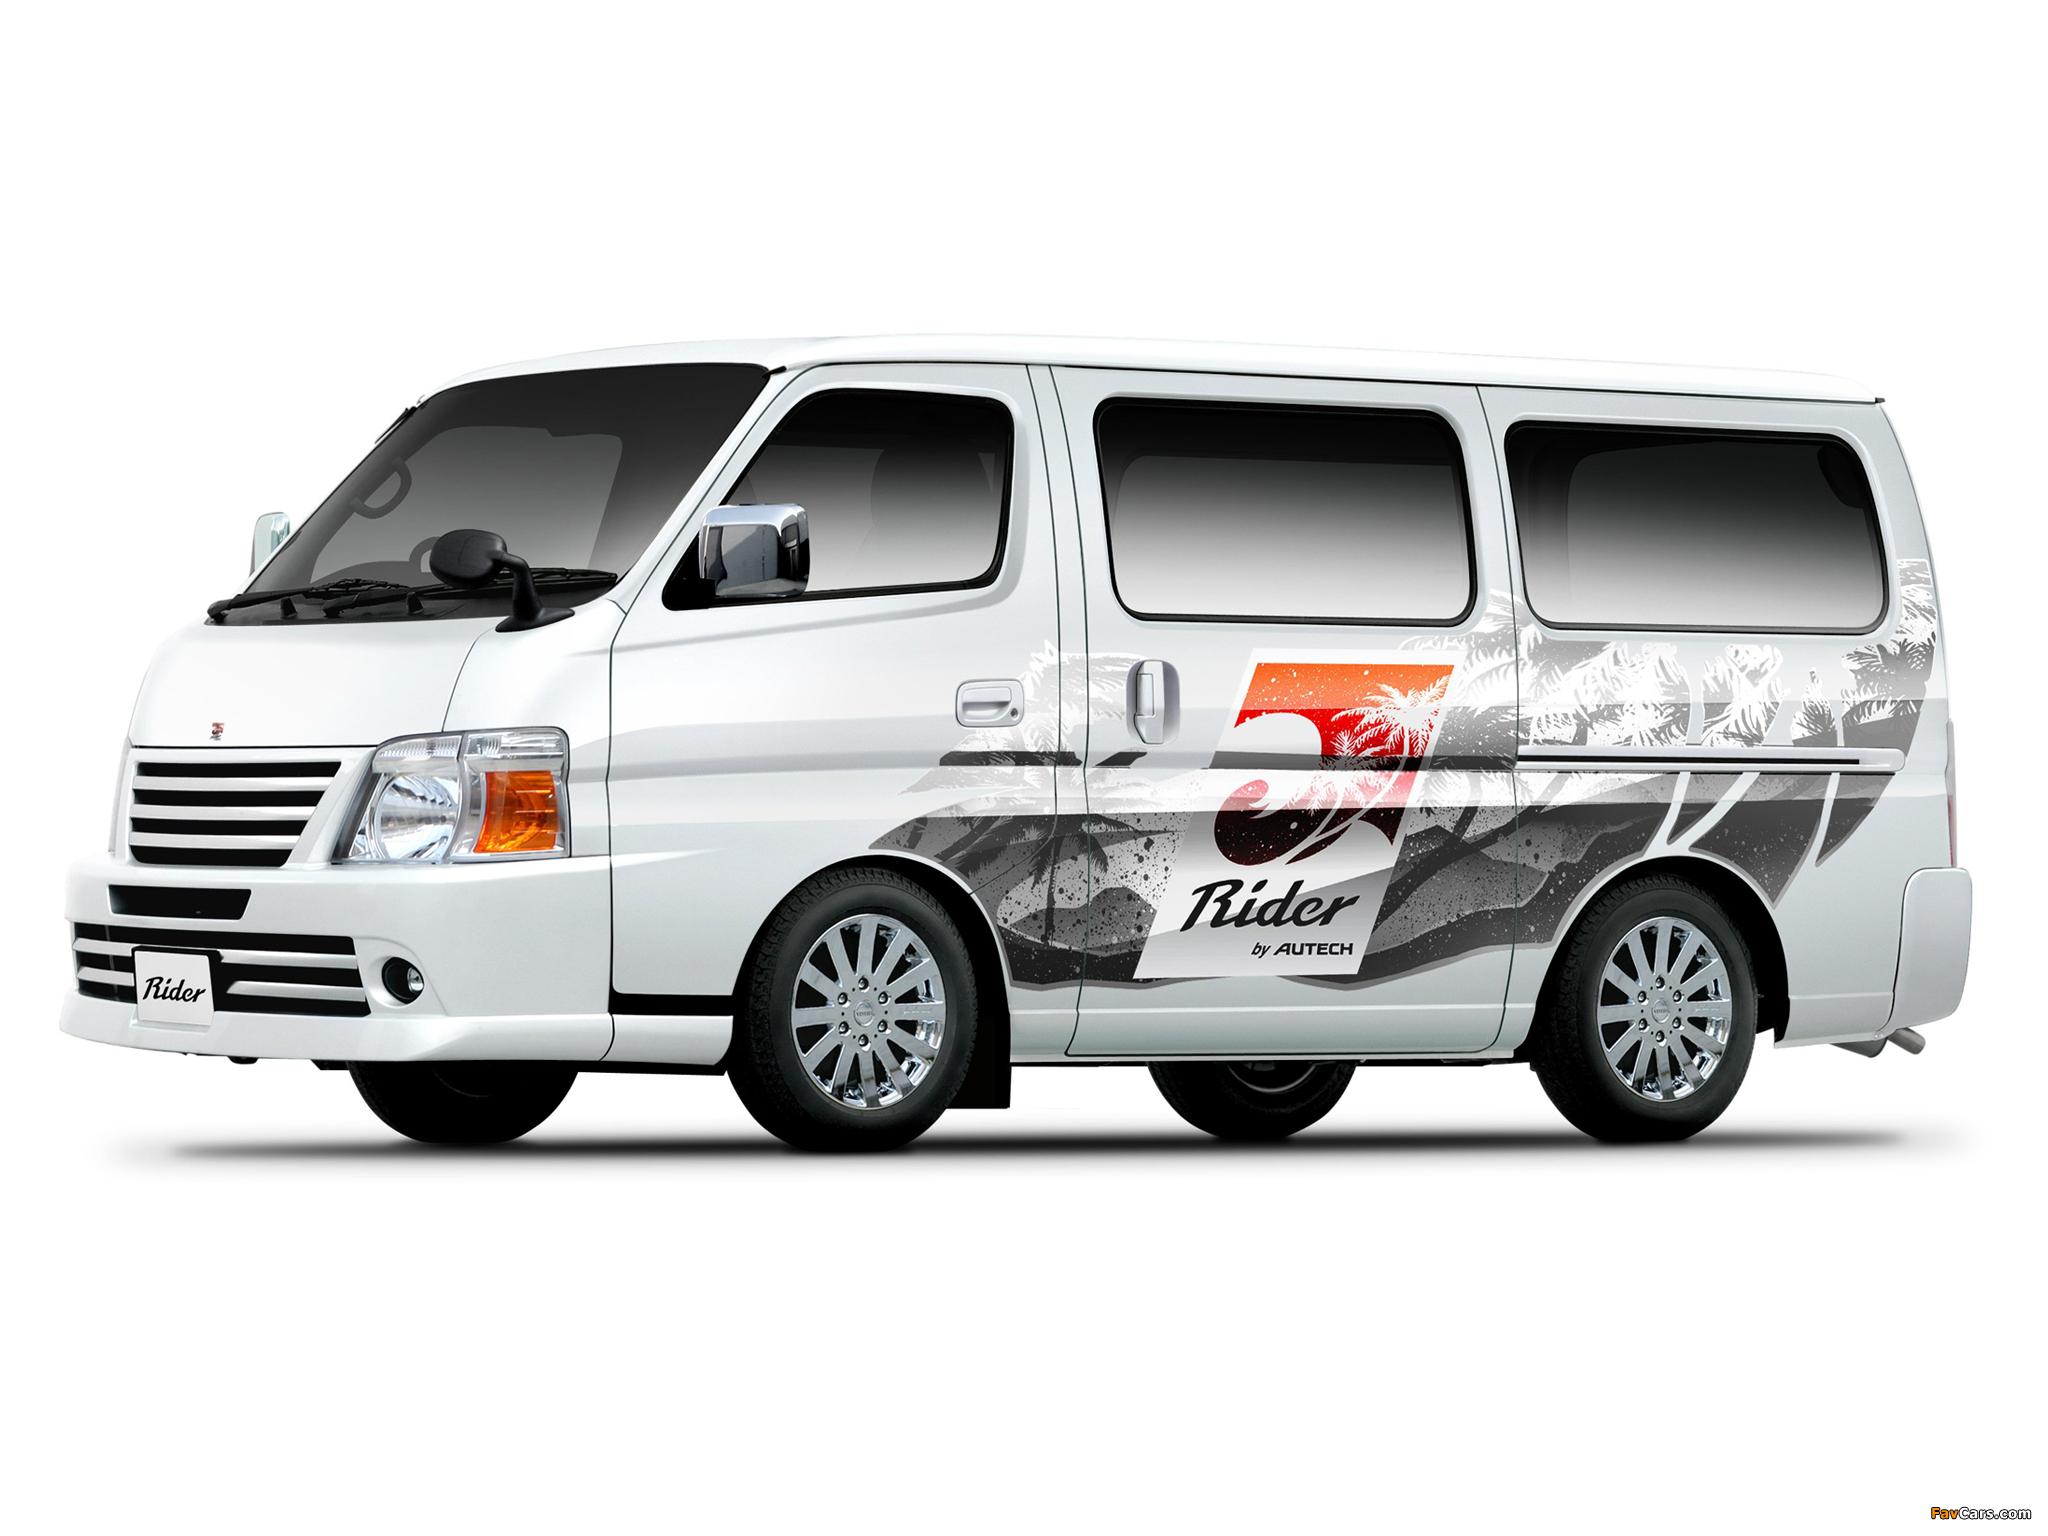 Autech Nissan Caravan Rider (E25) 2005 images (2048 x 1536)